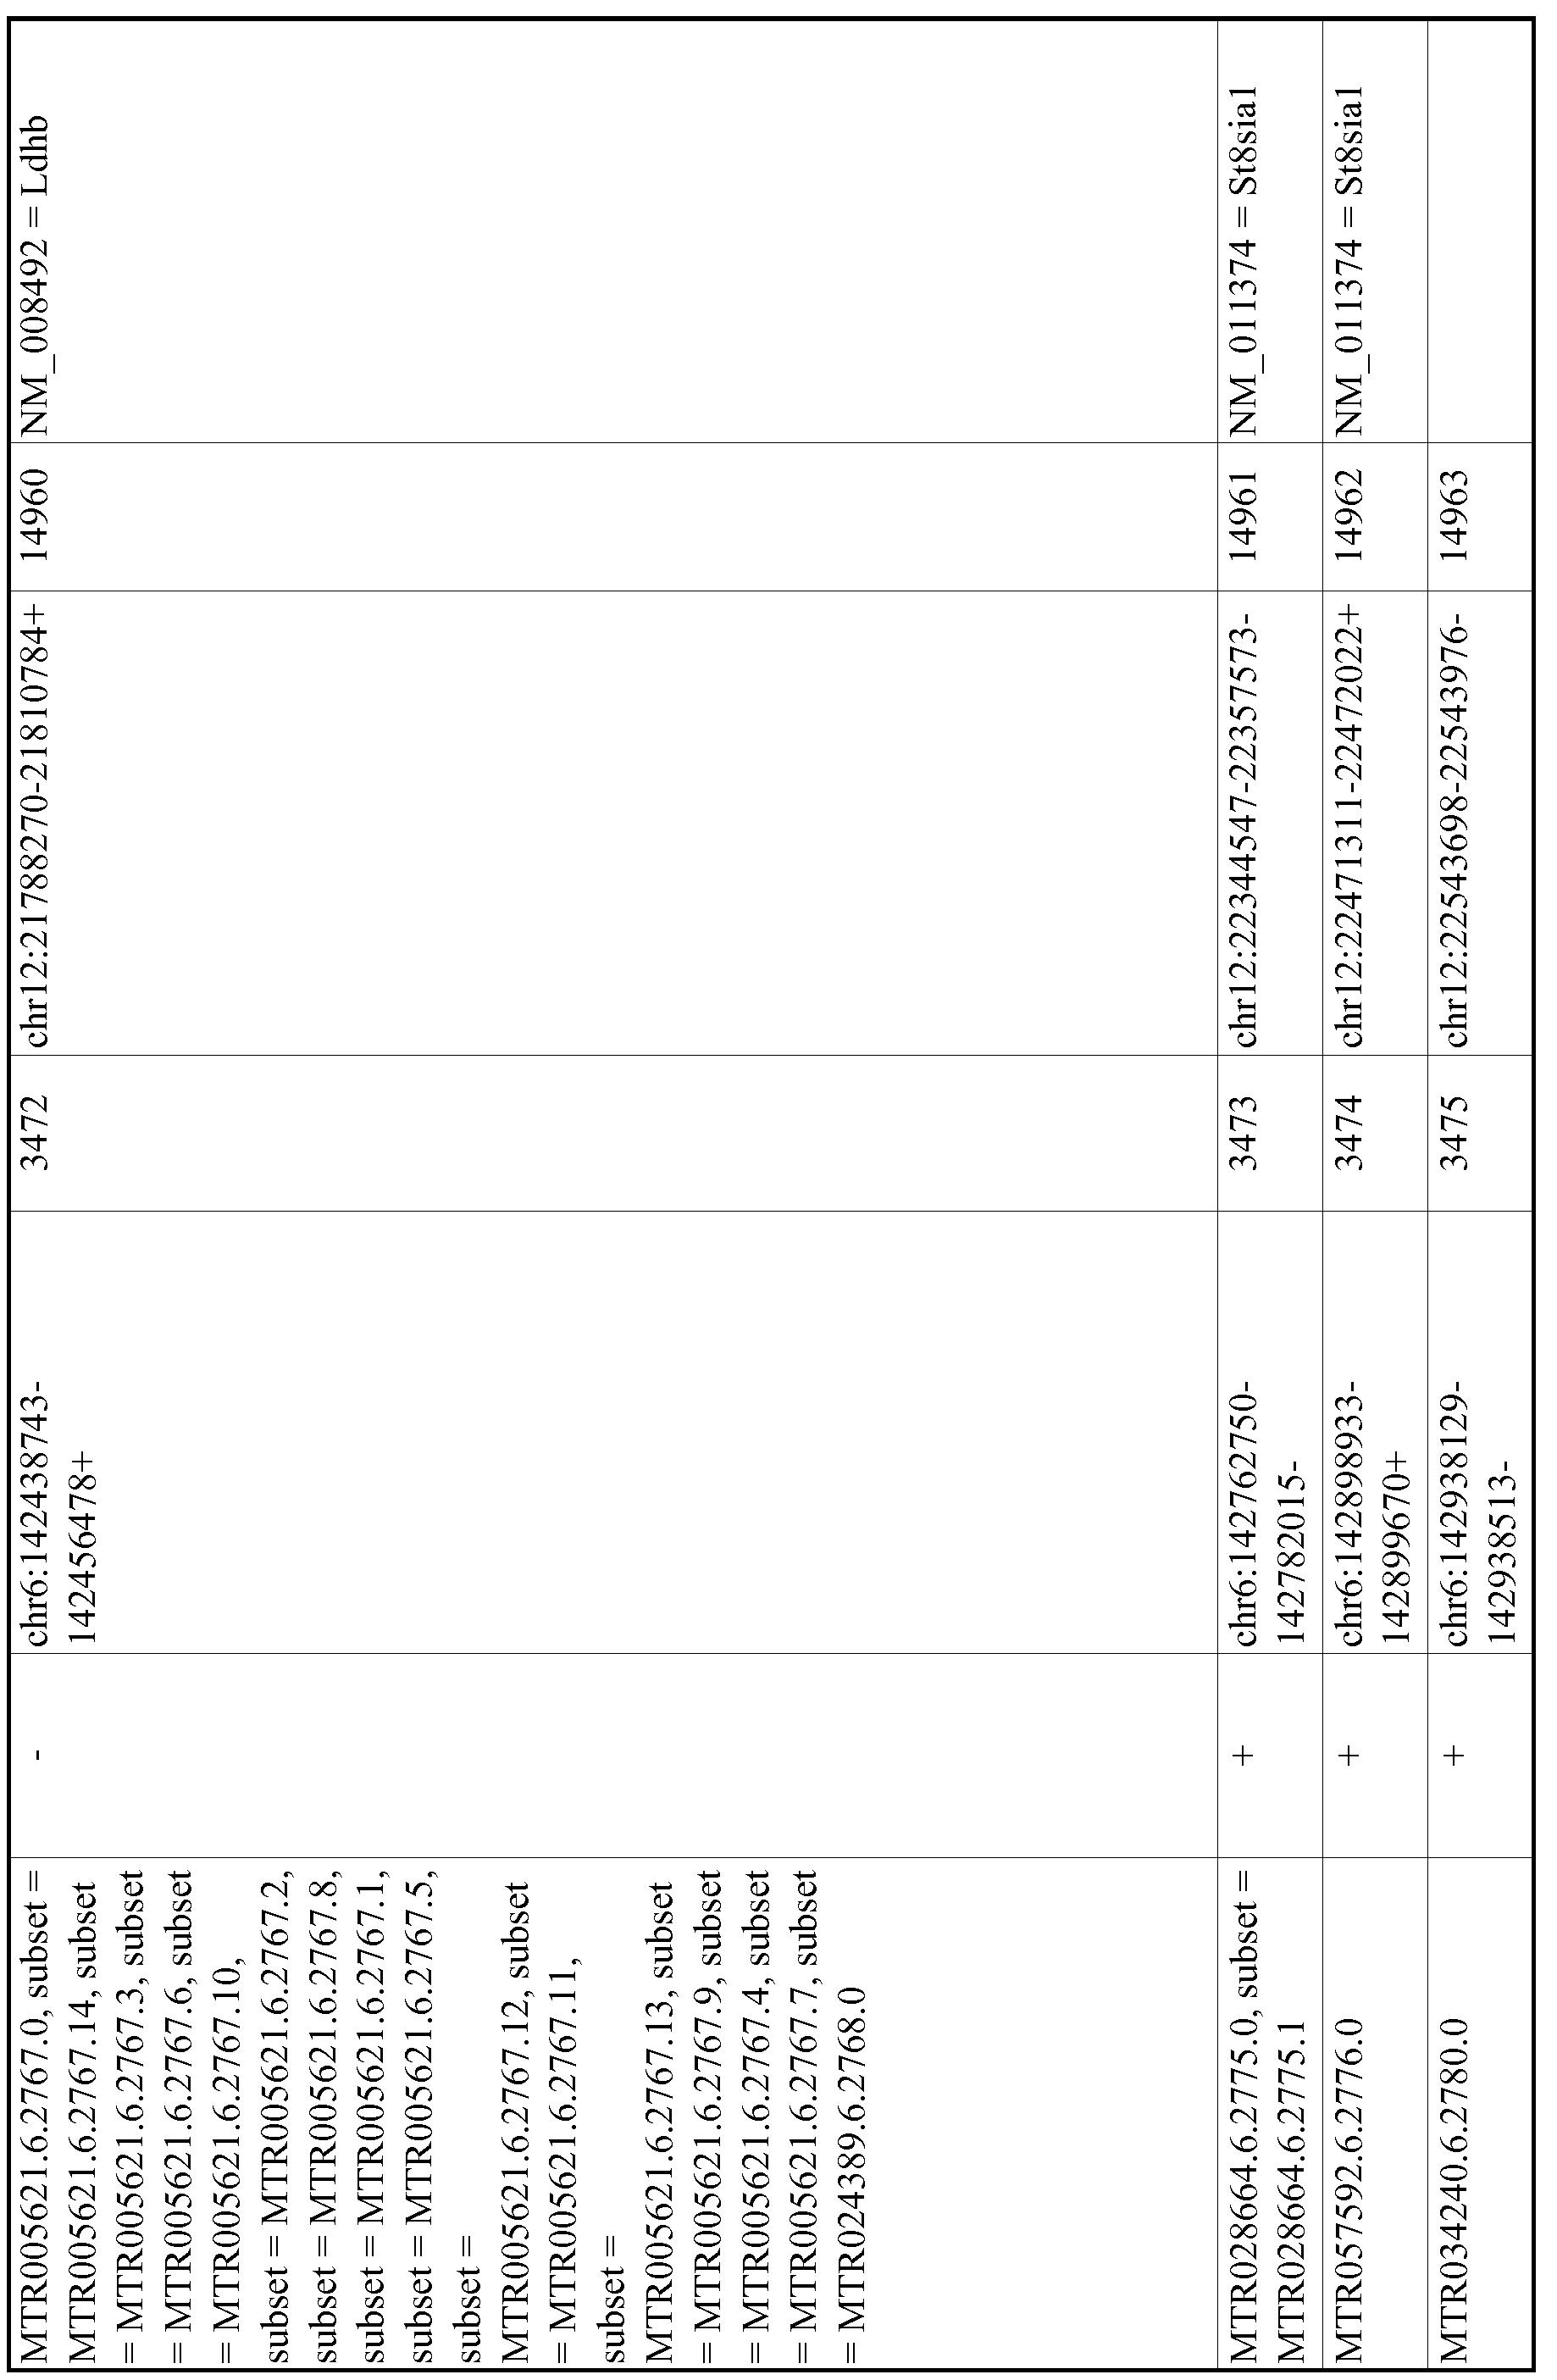 Figure imgf000684_0001